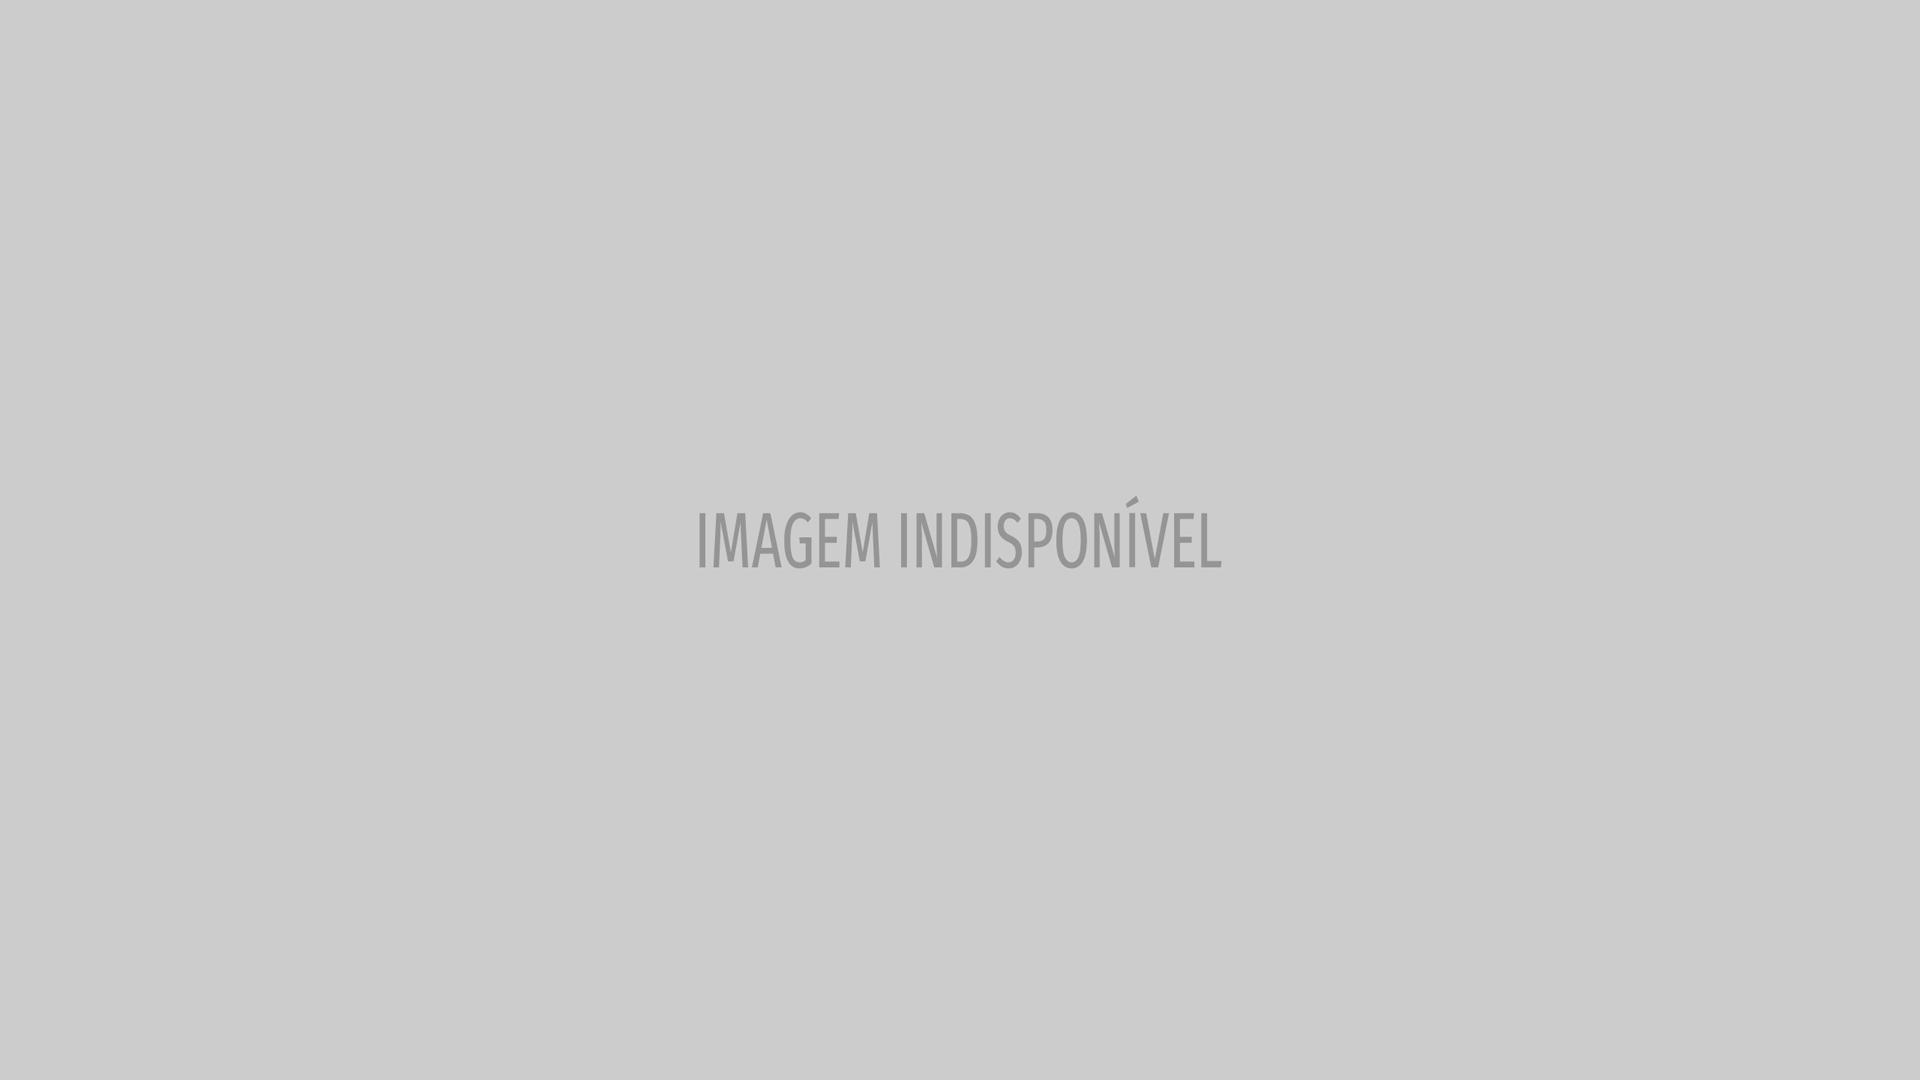 Vídeo: Eis a estonteante decoração de Natal do 'Programa da Cristina'